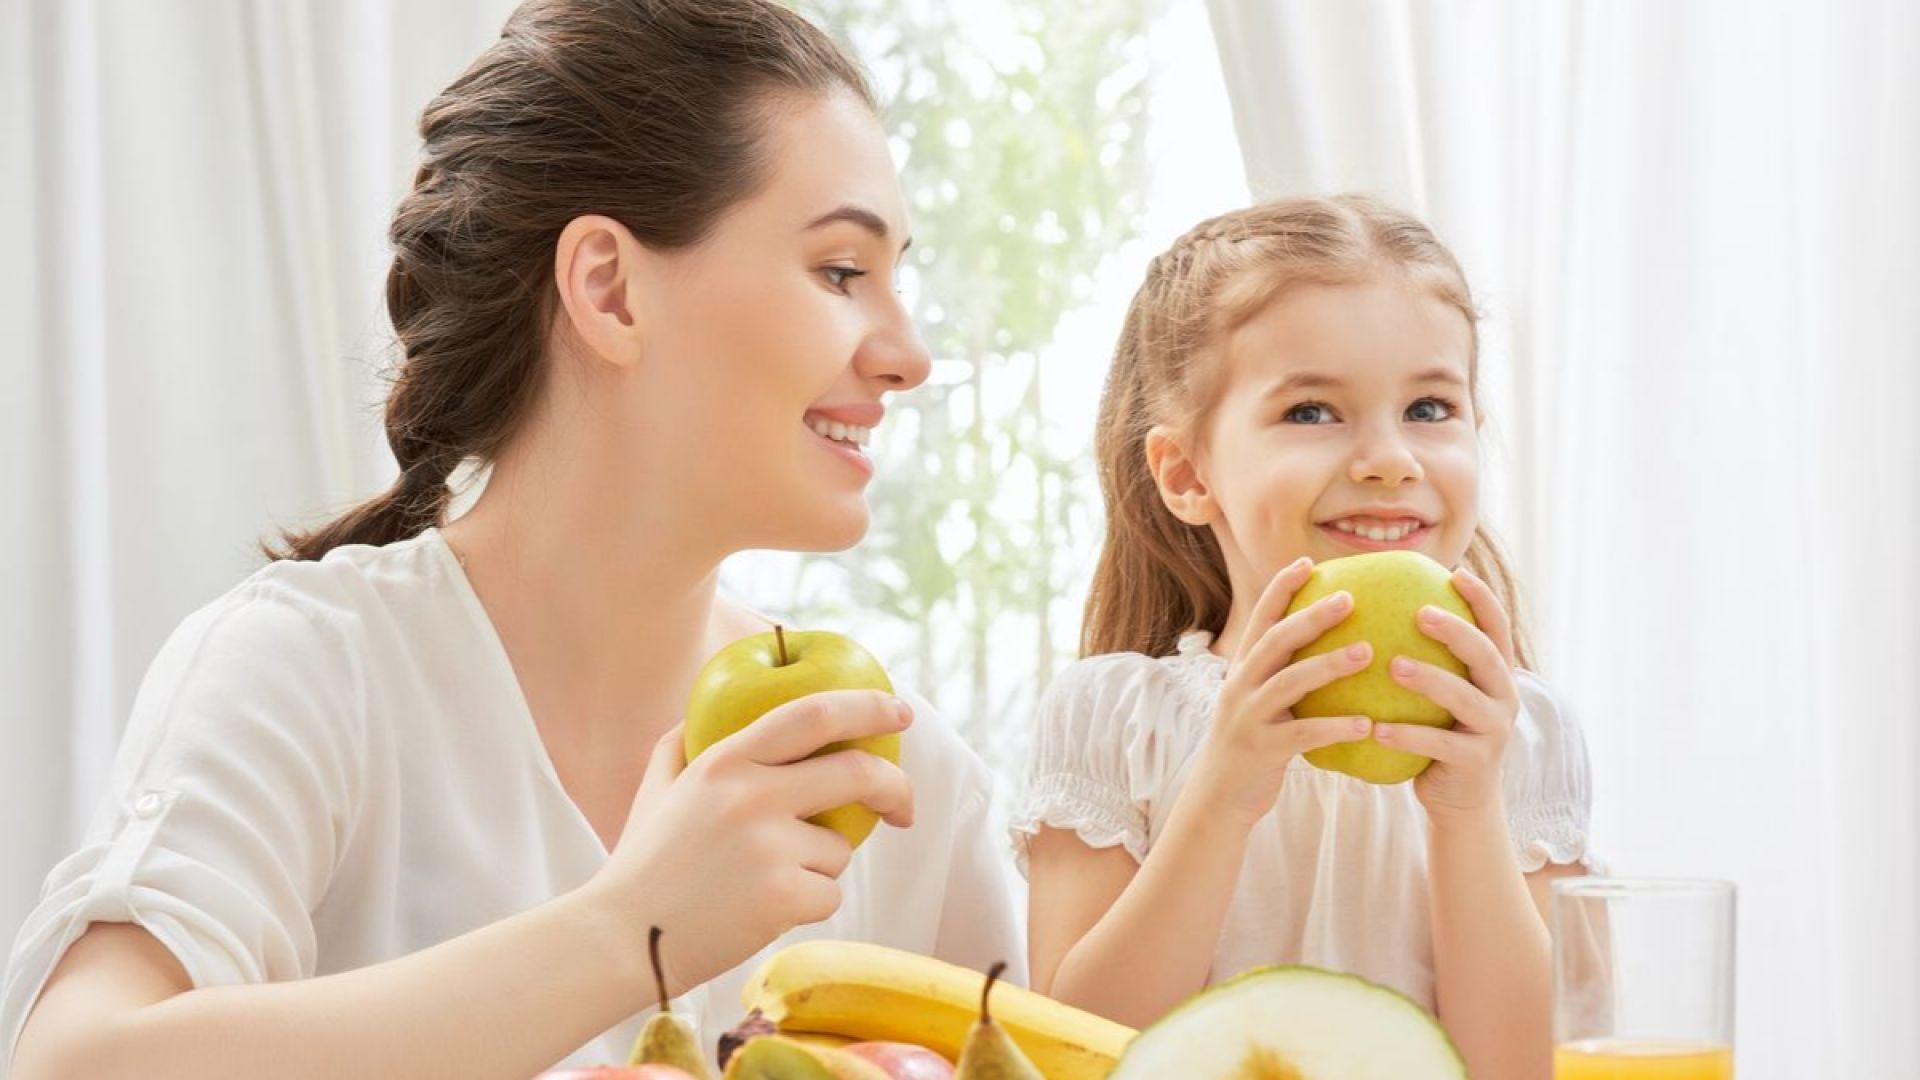 Българите в края на класацията по консумация на плодове и зеленчуци